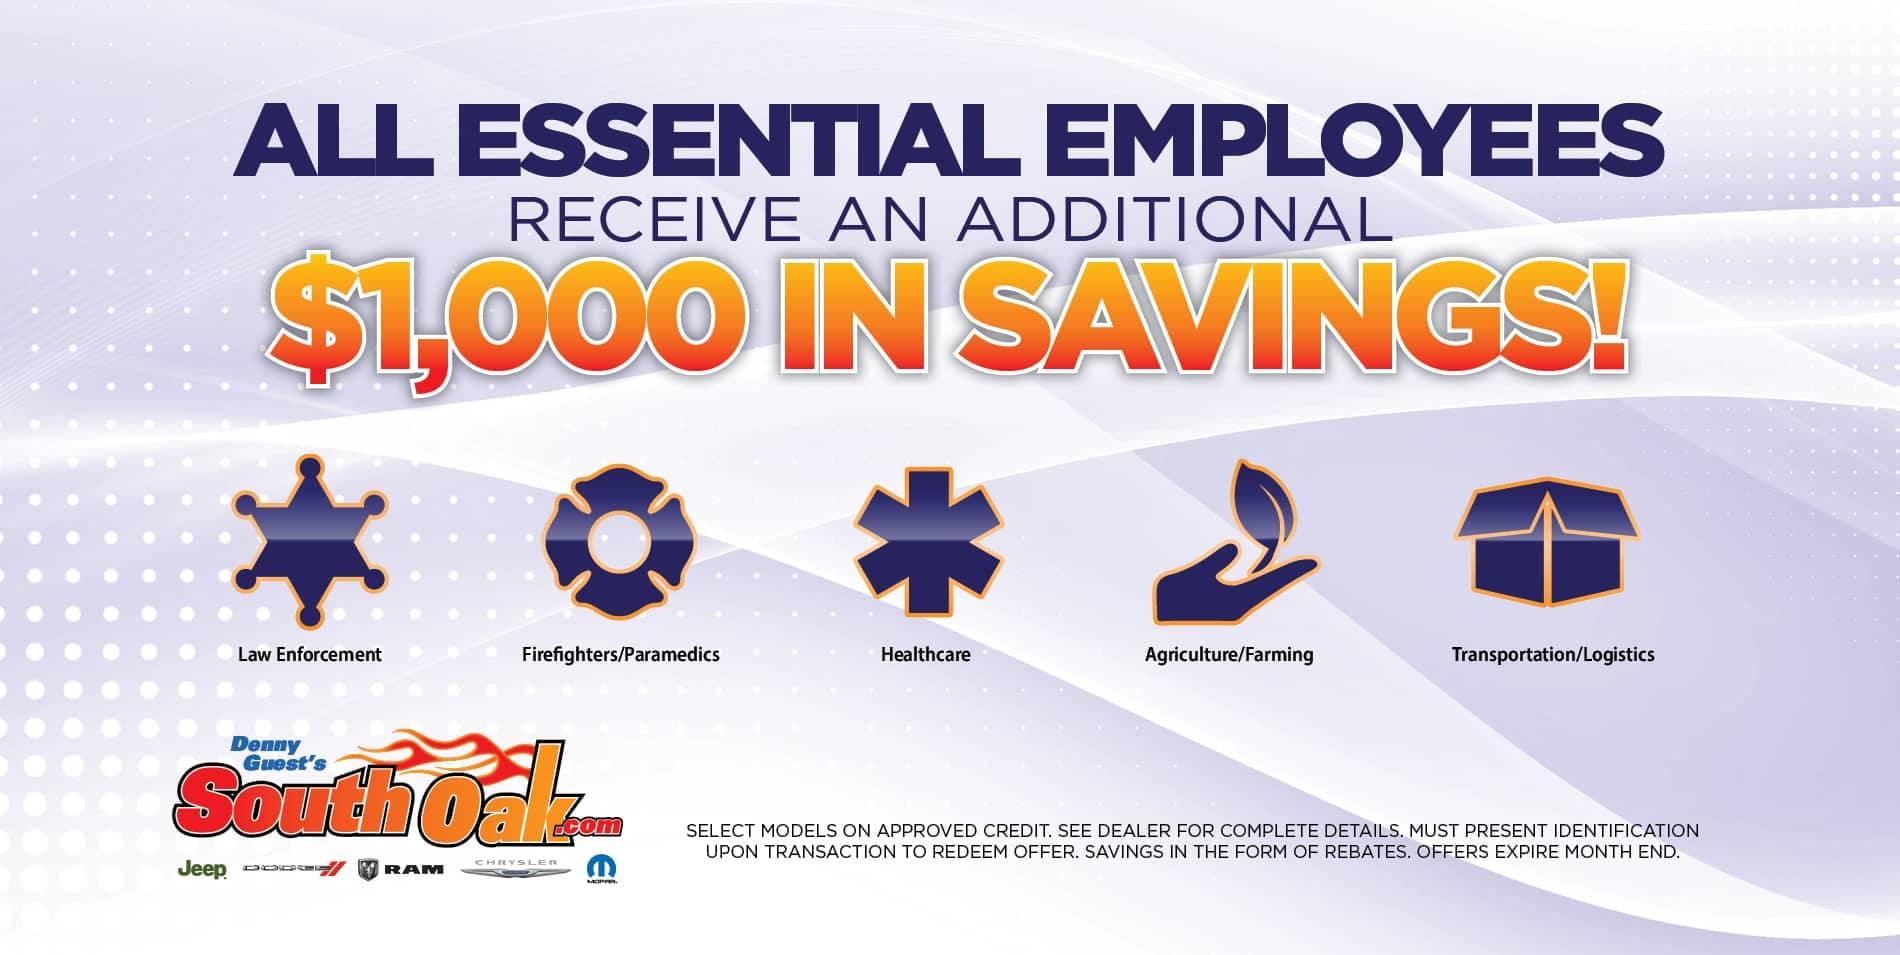 Essential Employee Savings